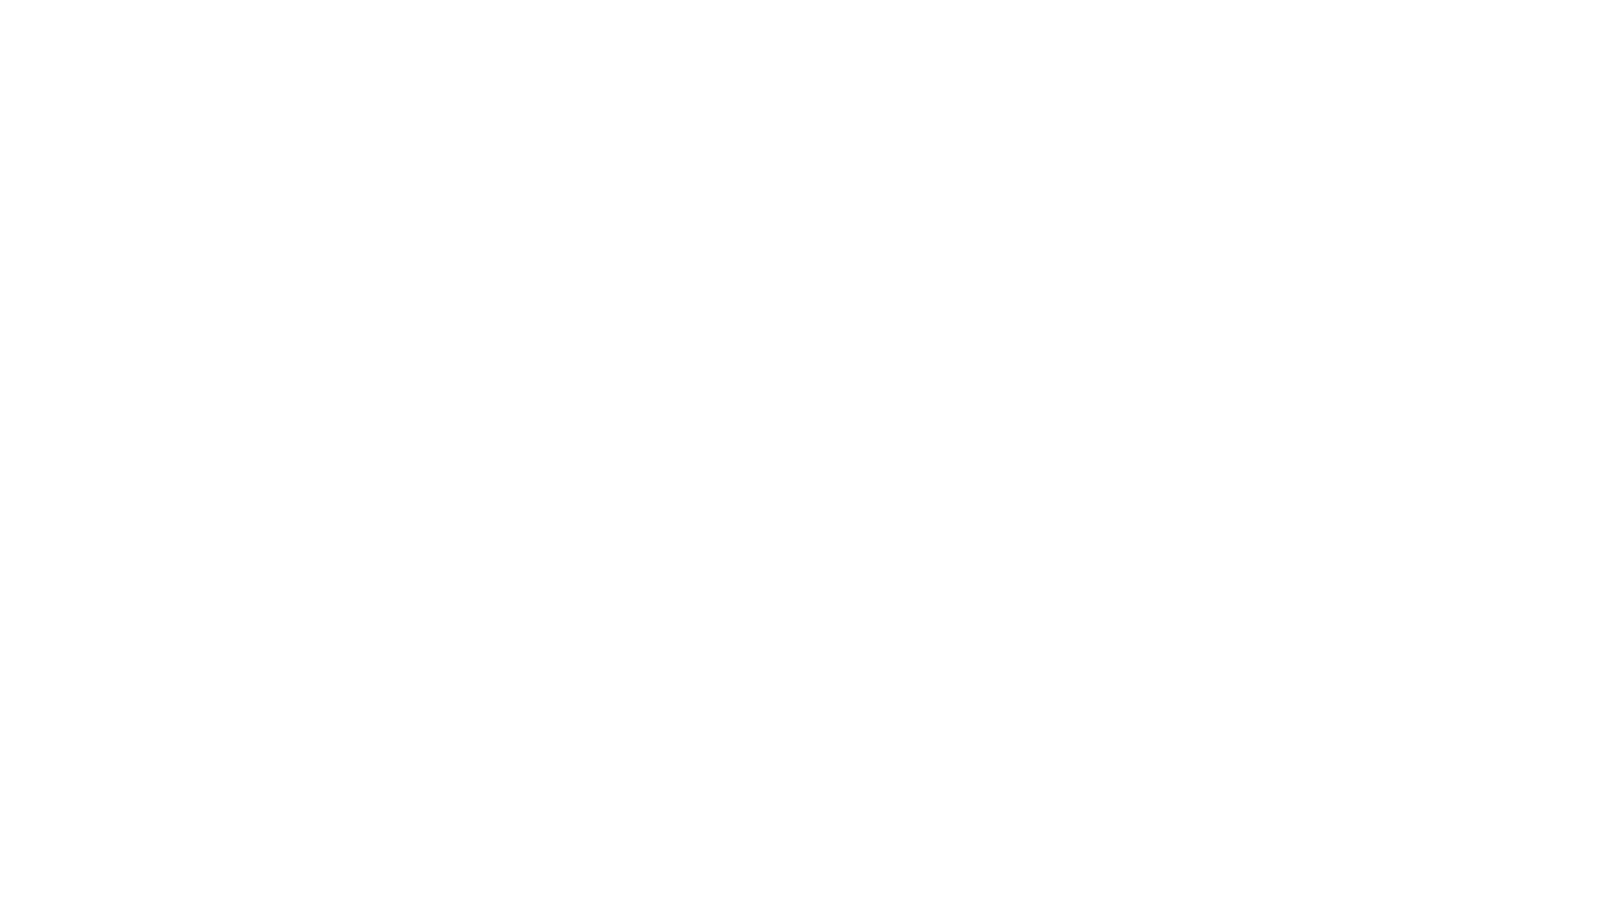 """Warum ist die PC Reinigung wichtig? PC Reinigung, Service und Wartung einfach gemacht.  Staub und Schmutz tun keinem Computer gut und wer sich nicht laufend um seinen PC kümmert, der wird früher oder später Probleme bekommen. Daher gilt, Computer bzw. PC Reinigung regelmäßig durchführen und somit deinen Computer sauber machen.  Zum Video """"Tausch der Wärmeleitpaste einer Grafikkarte: https://www.youtube.com/watch?v=tuMuR7MdAaA&t=746s  ▬ 🔥 Verwendete Teile und Werkzeuge aus dem Video* 🔥 ▬▬▬▬▬           ➡️ Compu Cleaner - https://amzn.to/36QUW9w  ALTERNATIV          ➡️ Druckluftspray - https://amzn.to/2URshvL                      ▬ 👆 Bewerbung zur Werkstattschau 👆 ▬▬▬▬▬▬▬▬▬  Fragebogen: https://bit.ly/2YAwtCO E-Mail: info@pg-designs.at  ▬ 👍 Du möchtest mich unterstützen? 👍 ▬▬▬▬▬▬▬▬▬  Mittels meiner Amazon Wunschliste kannst du das tun!  https://www.amazon.de/hz/wishlist/ls/2MAZWE58EWICF?ref_=wl_share  ▬ 🔨 Mein Werkzeug* 🔨 ▬▬▬▬▬▬▬▬▬▬▬▬▬          ➡️ Mein Gesamtes Werkzeug findest du hier : https://www.pg-designs.at/  ➡️Maschinen      -► Tischkreissäge Ohne Tisch - https://amzn.to/2VmzZxq      -► Tischkreissäge mit Tisch - https://amzn.to/34IEqao      -► Stichsäge - https://amzn.to/2xkV4AI      -► Multifunktionsfräse - https://amzn.to/2KaNE5v      -► Makita Oberfräsen Set - https://amzn.to/2yd5EcU      -► Tischbohrmaschine - https://amzn.to/3epe1CH      -► Exzenterschleifer - https://amzn.to/2ApY6Vo  ➡️Werkzeuge      -► Werk- und Spanntisch - https://amzn.to/34CF8G2      -► Einhandzwingen - https://amzn.to/2wELFn7      -► Anschlagwinkel - https://amzn.to/3emrfjF      -► Dübelhilfe - https://amzn.to/2RDgAaN      -► T-Lineal - https://amzn.to/3blD2Nv      -► Neigungsmesser - https://amzn.to/3ejAKjz      -► Messuhr - https://amzn.to/2RCIGCV      -► Leimflasche - https://amzn.to/2xwEQ7n  ➡️Zubehör - Bohrer, Fräser usw.      -► Holzbohrer - https://amzn.to/2xxtos6      -► Nutfräser - https://amzn.to/3cjK1Xi      -► Kreisschneider - https://amzn.to/2K6vUs4      -► Spannzange fü"""